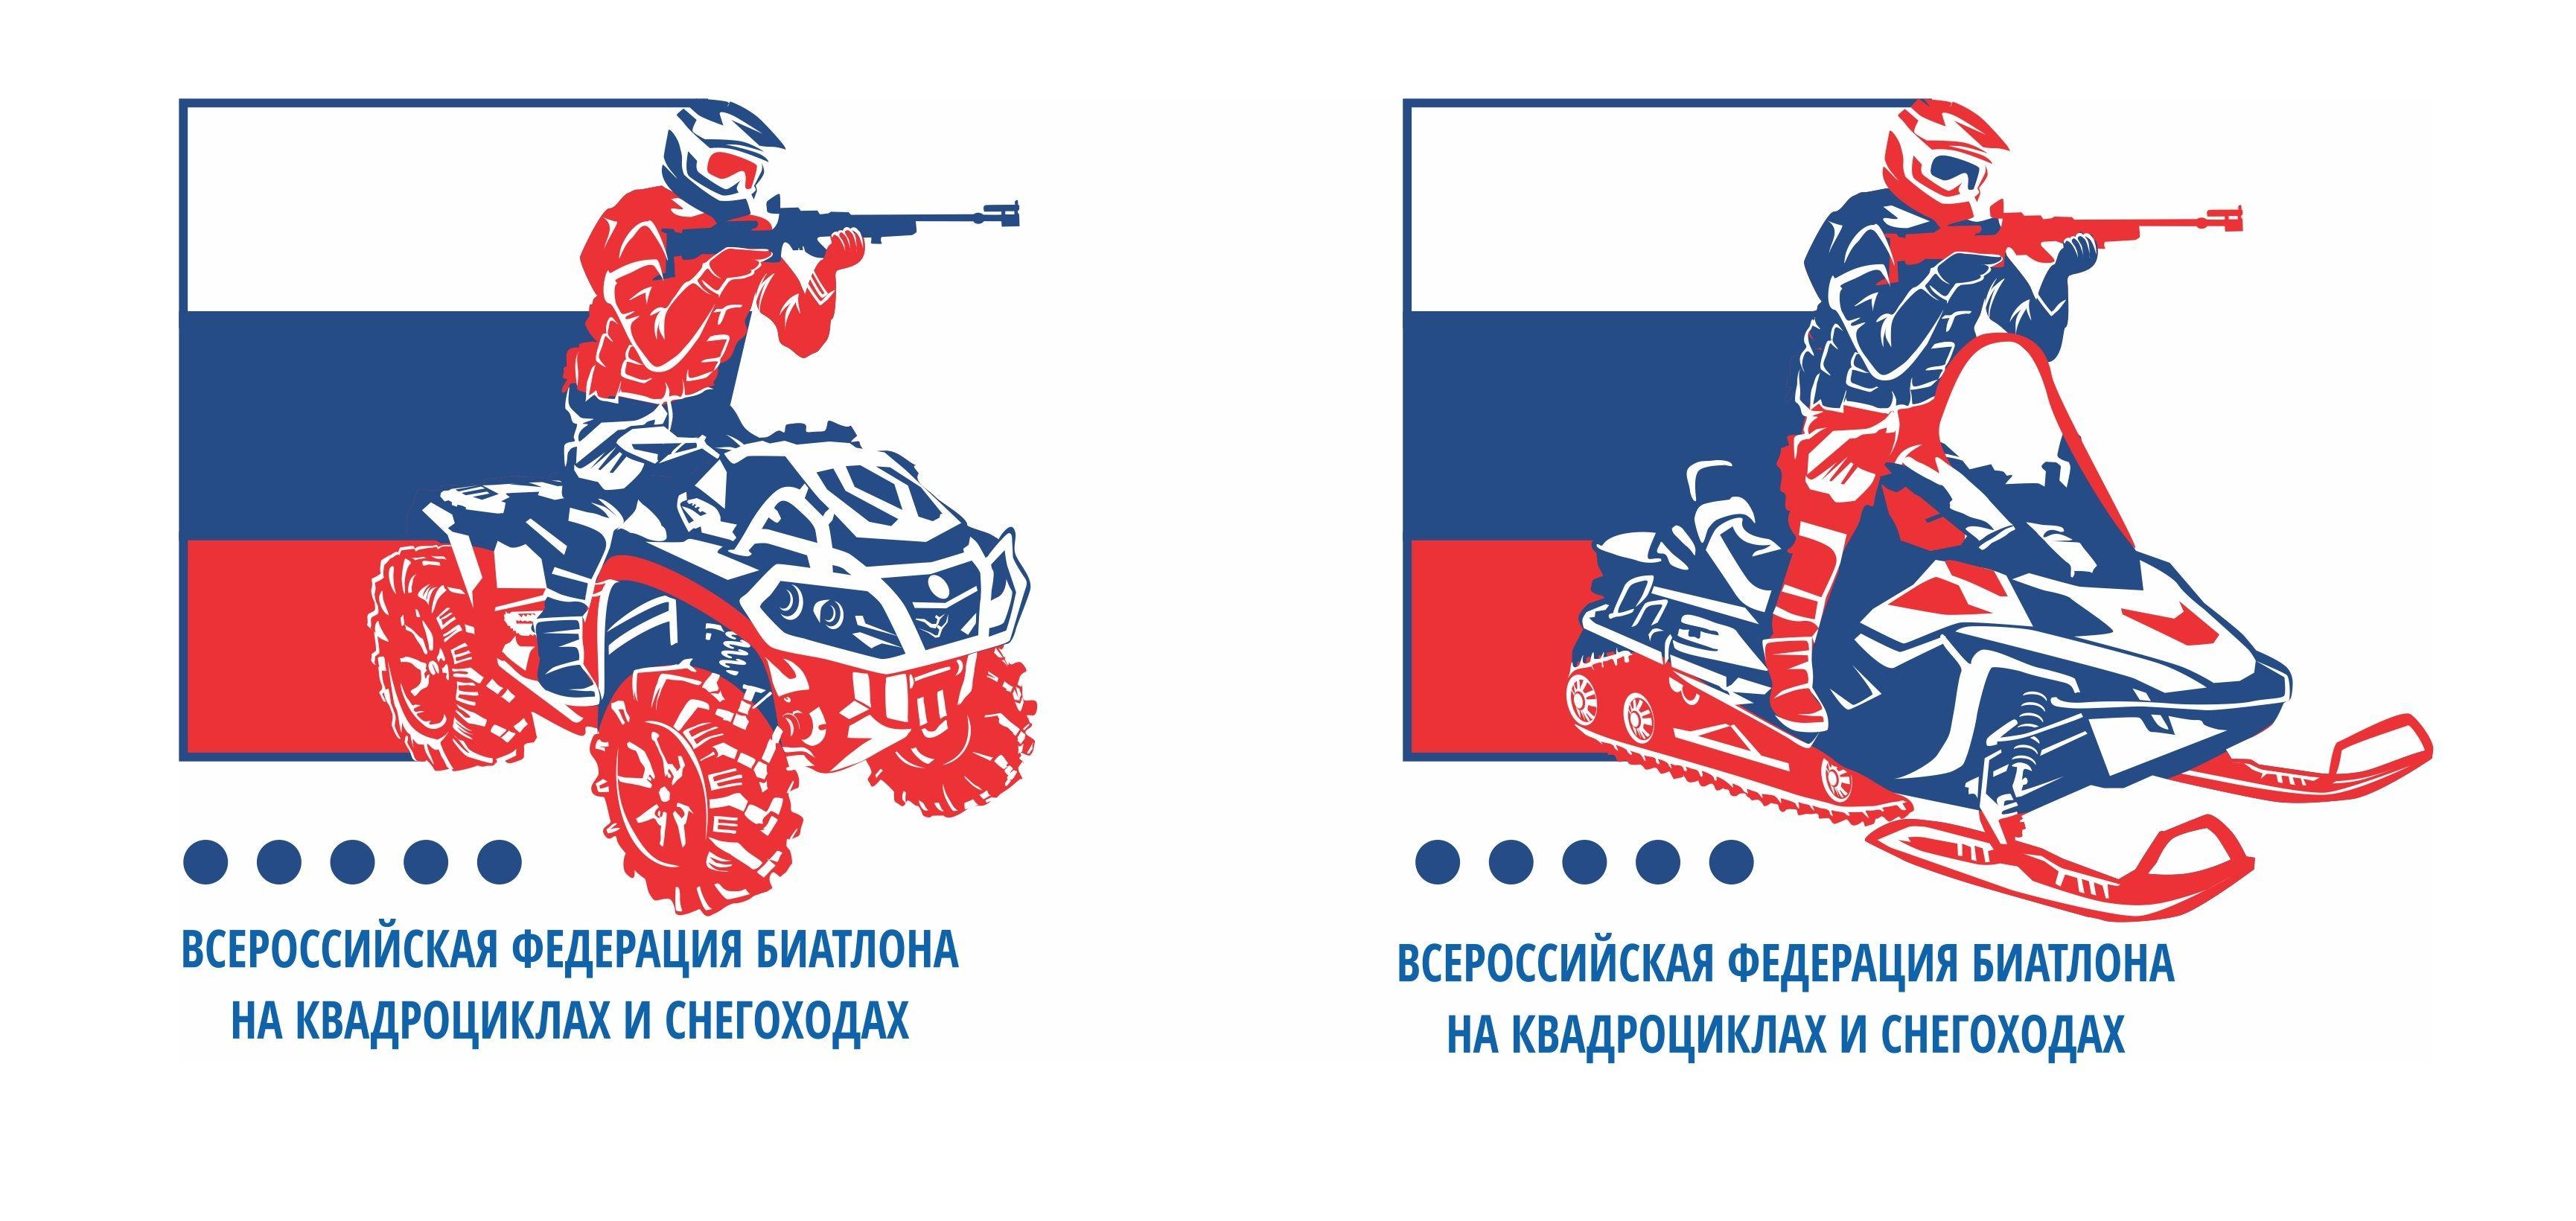 Логотип_Квадроцикл_Биатлон3.jpg